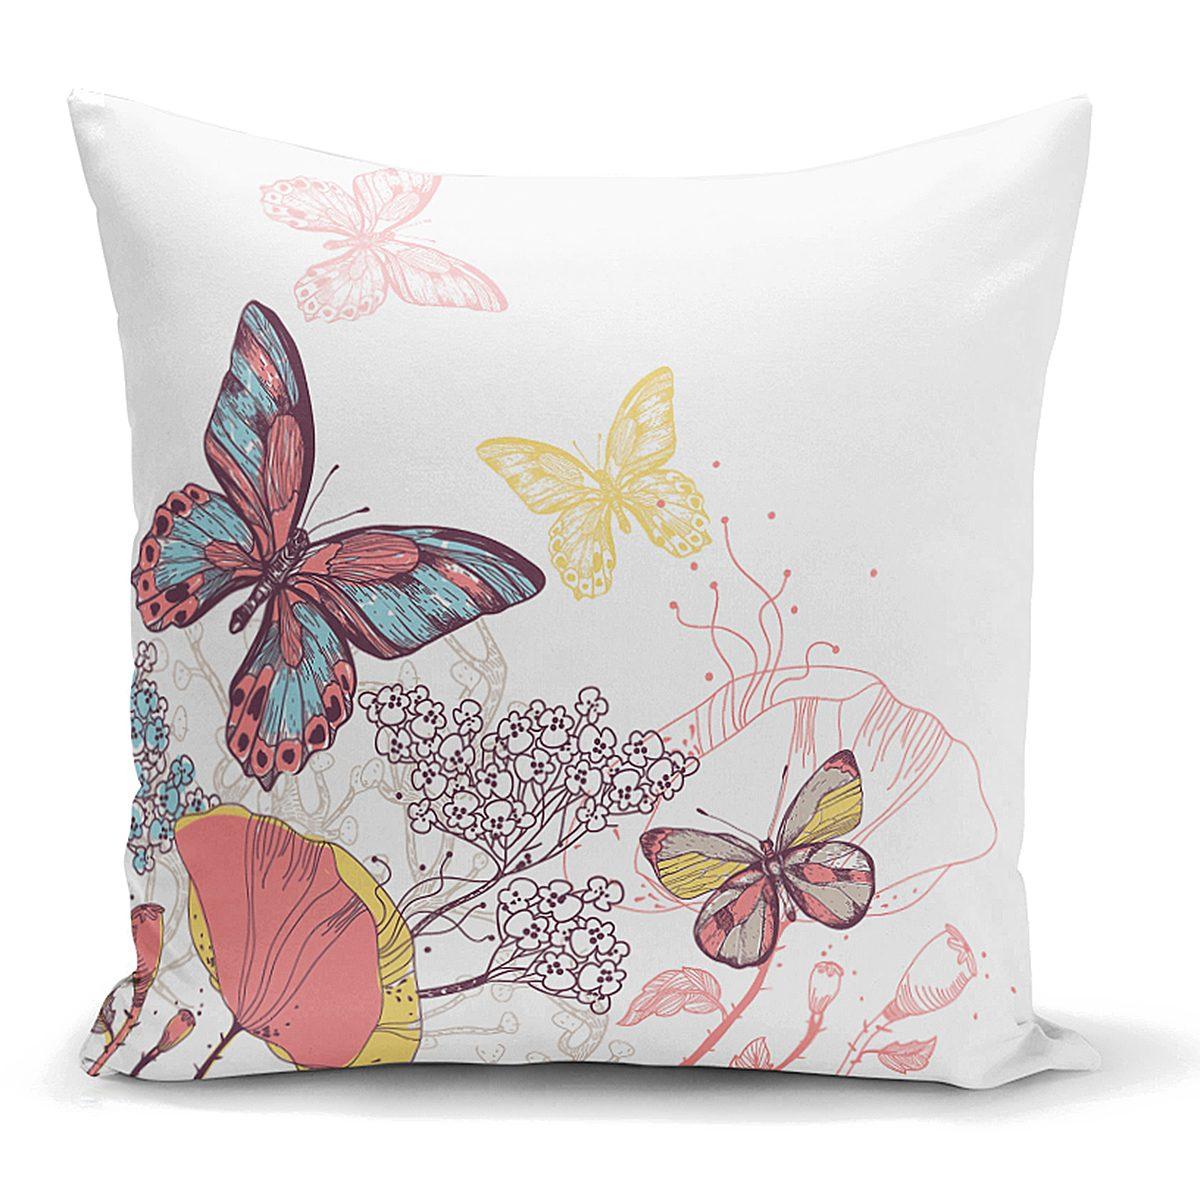 Özel Tasarım Renkli Kelebek Desenli Dijital Baskılı Yastık Kılıfı Realhomes